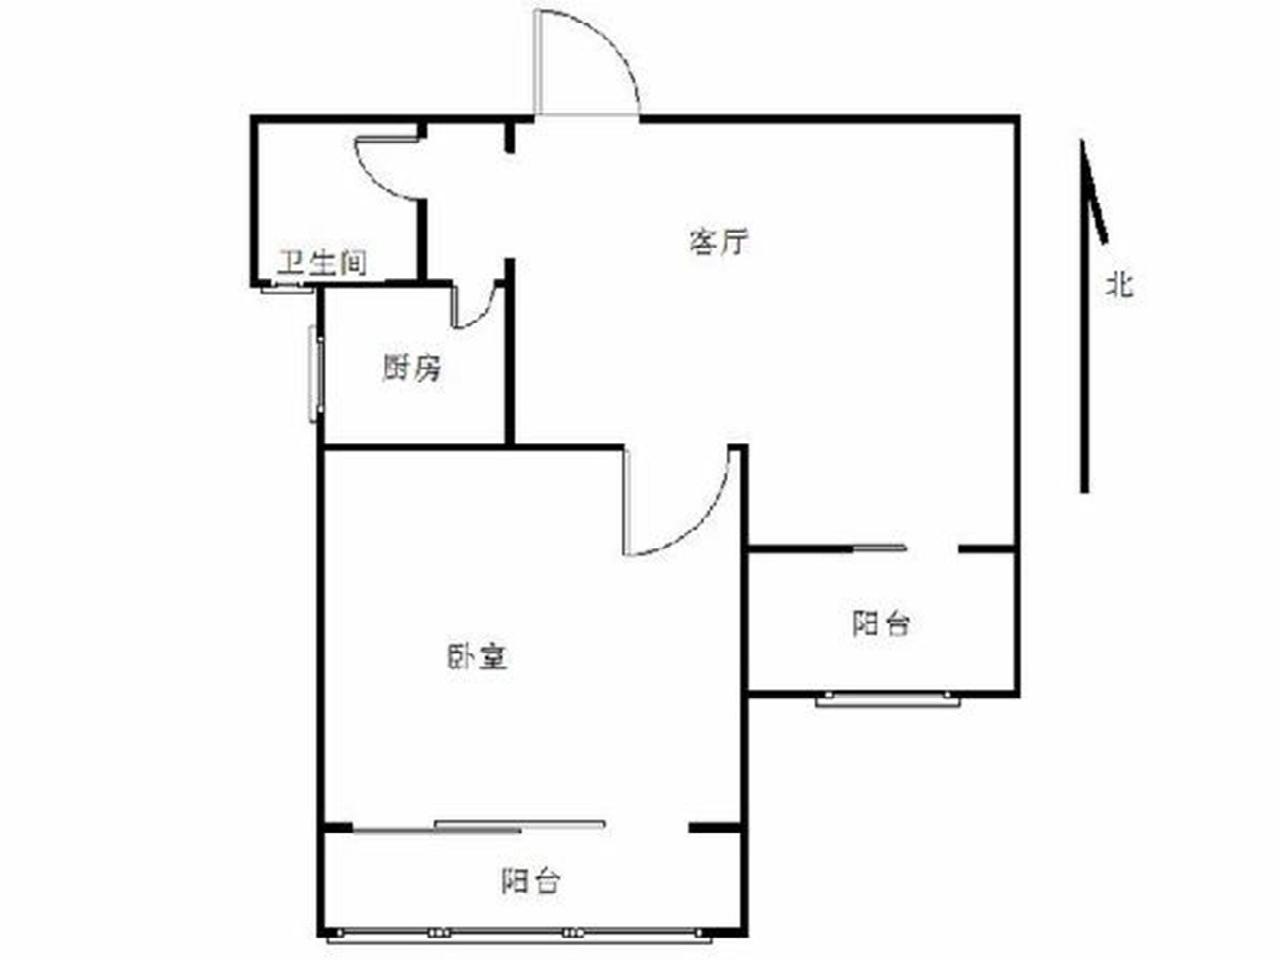 栖霞区仙林亚东城东区1室1厅户型图